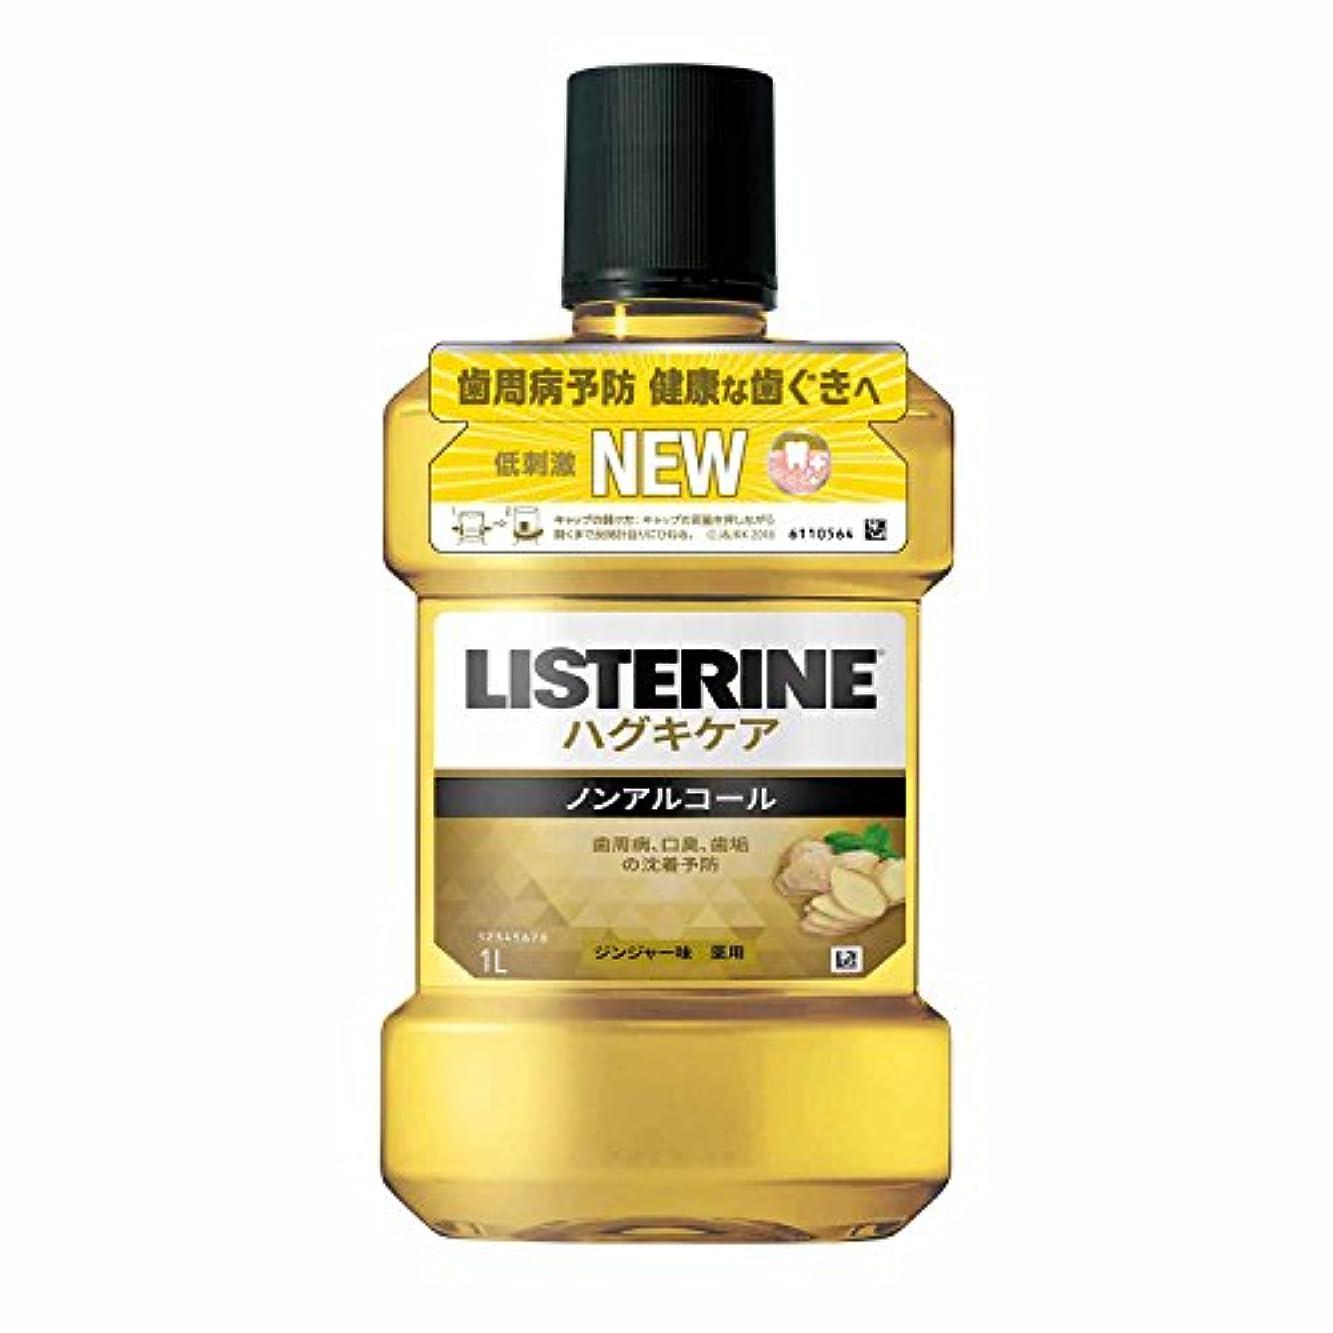 朝万一に備えて銅[医薬部外品] 薬用 リステリン マウスウォッシュ ハグキケア 1000mL ノンアルコールタイプ